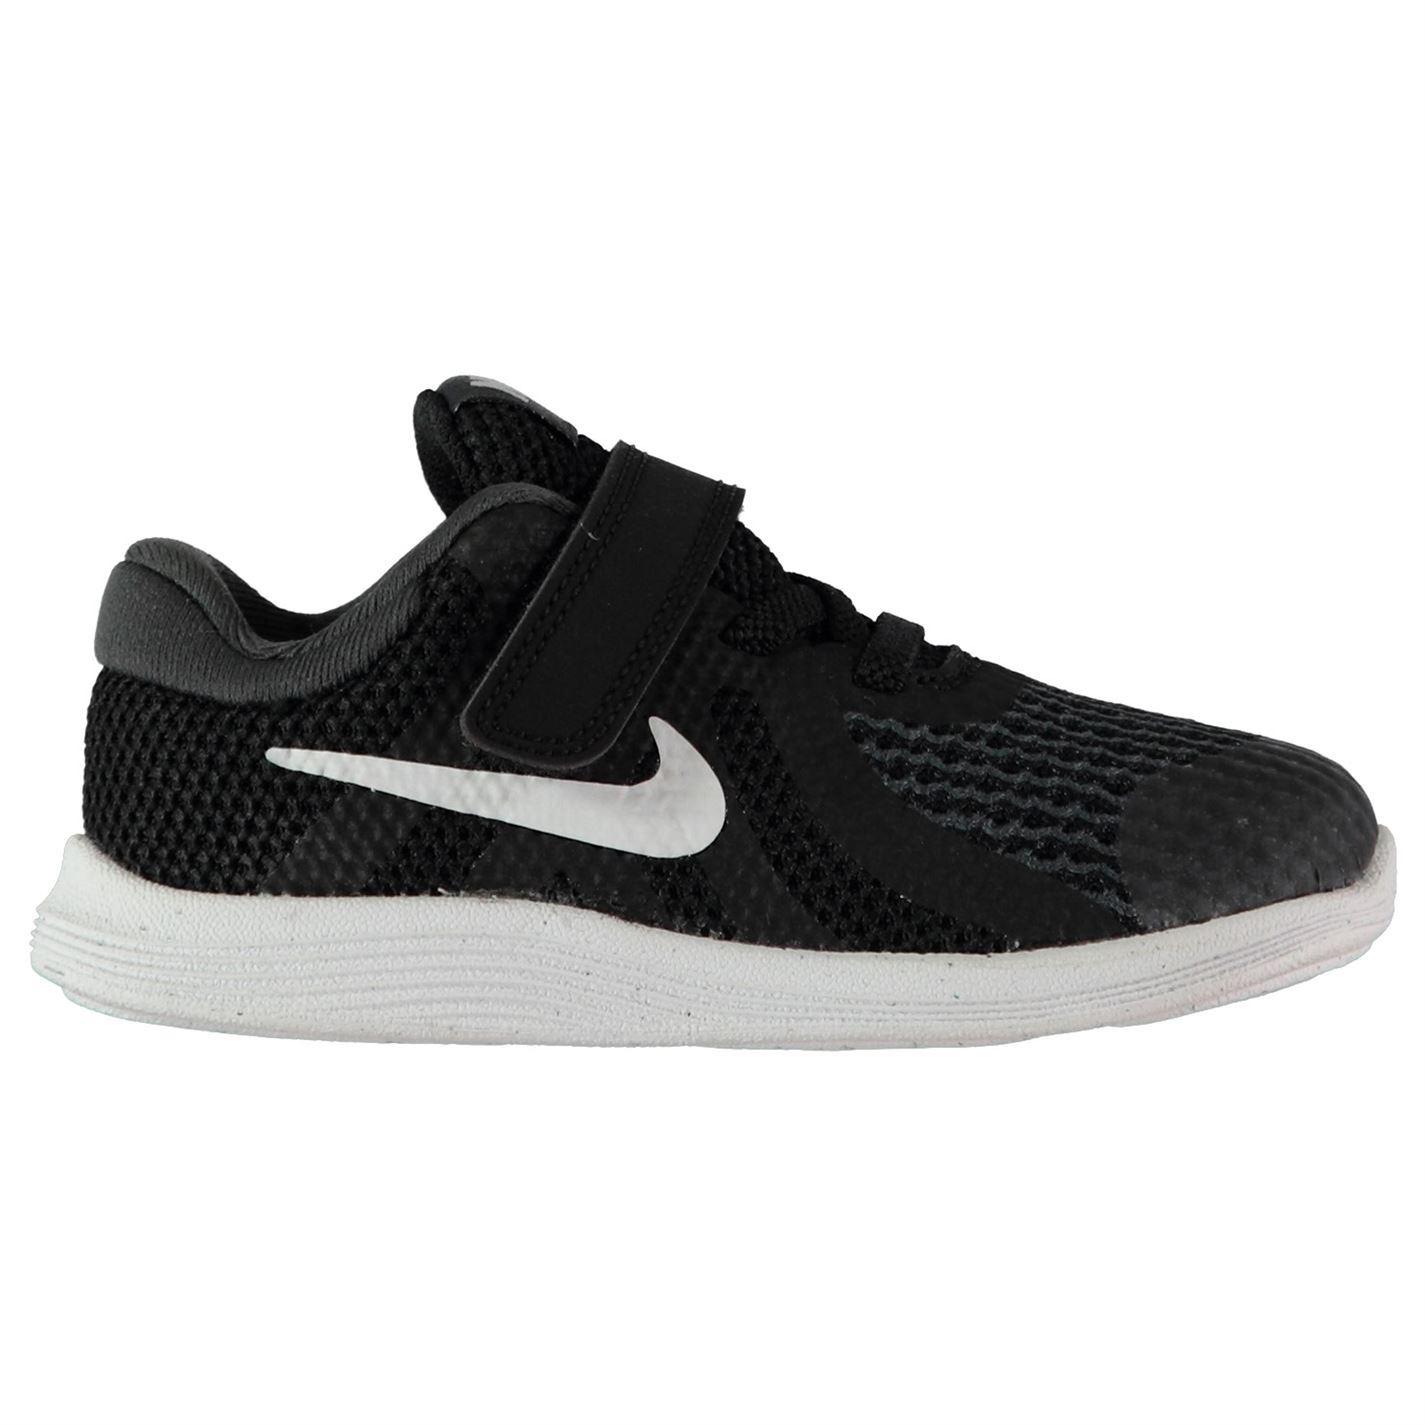 85f661f9d2ea2 ... Nike Revolution 4 garçons infantile formateurs chaussures chaussures ...